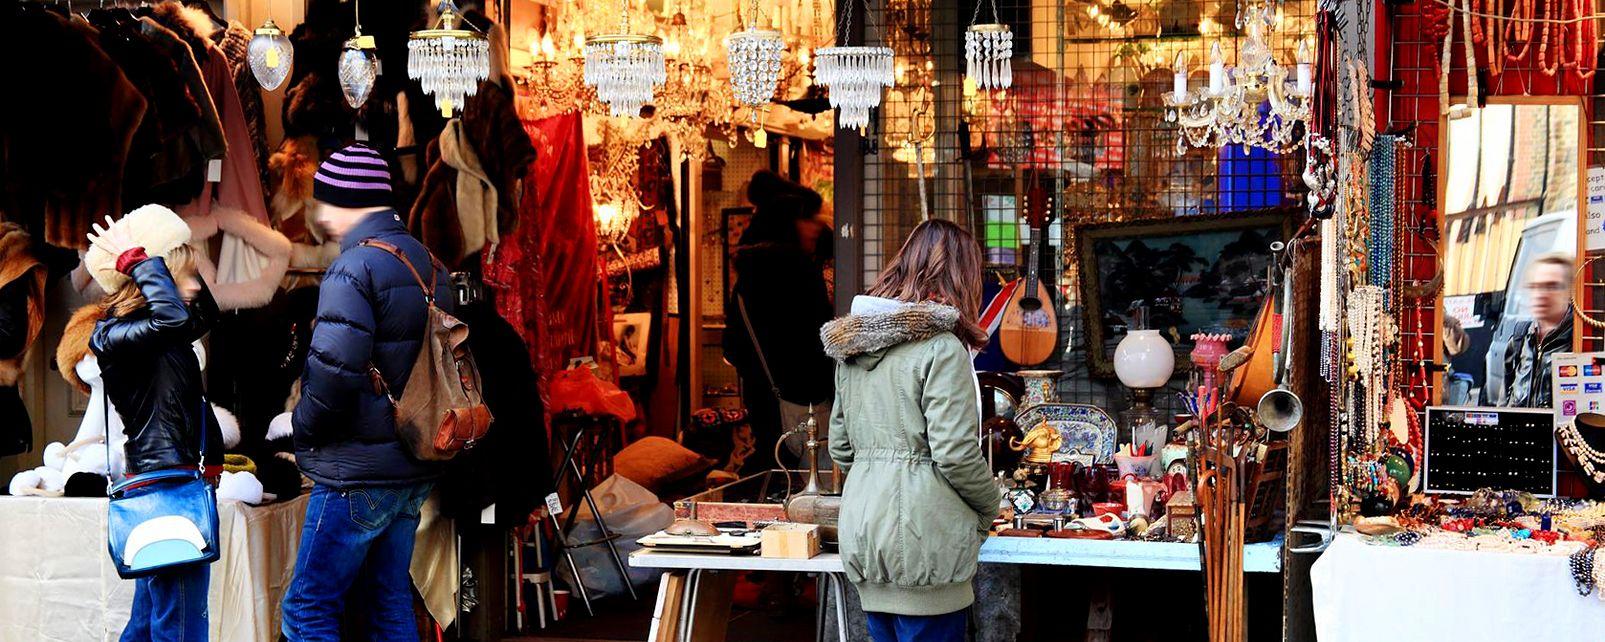 Les marchés de plein air , Les marchés de Londres , Royaume-Uni